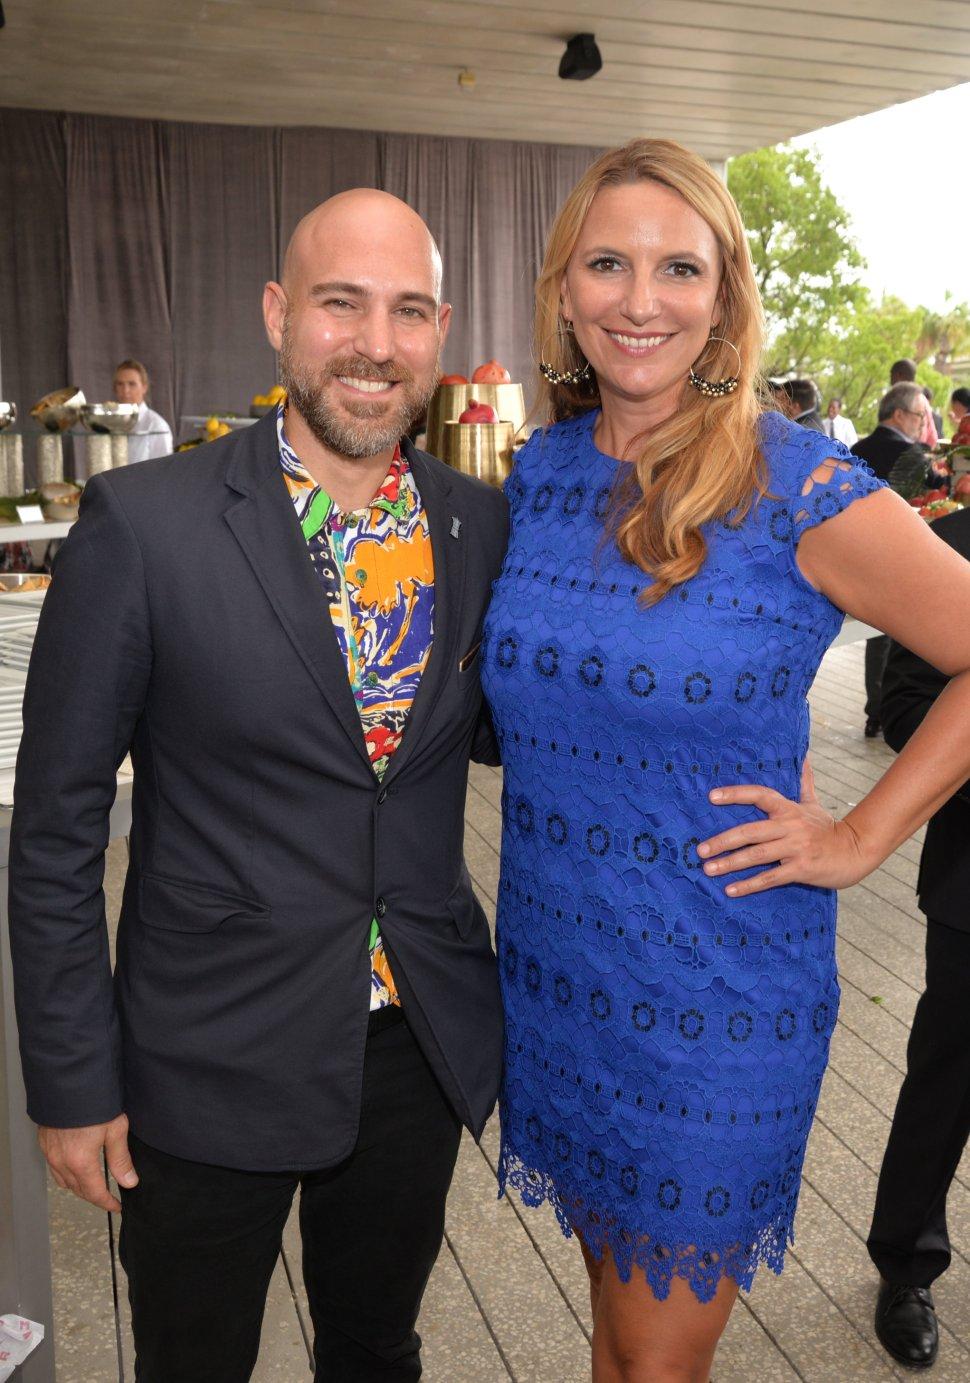 Chris Adamo and Christina Boomer Vazquez